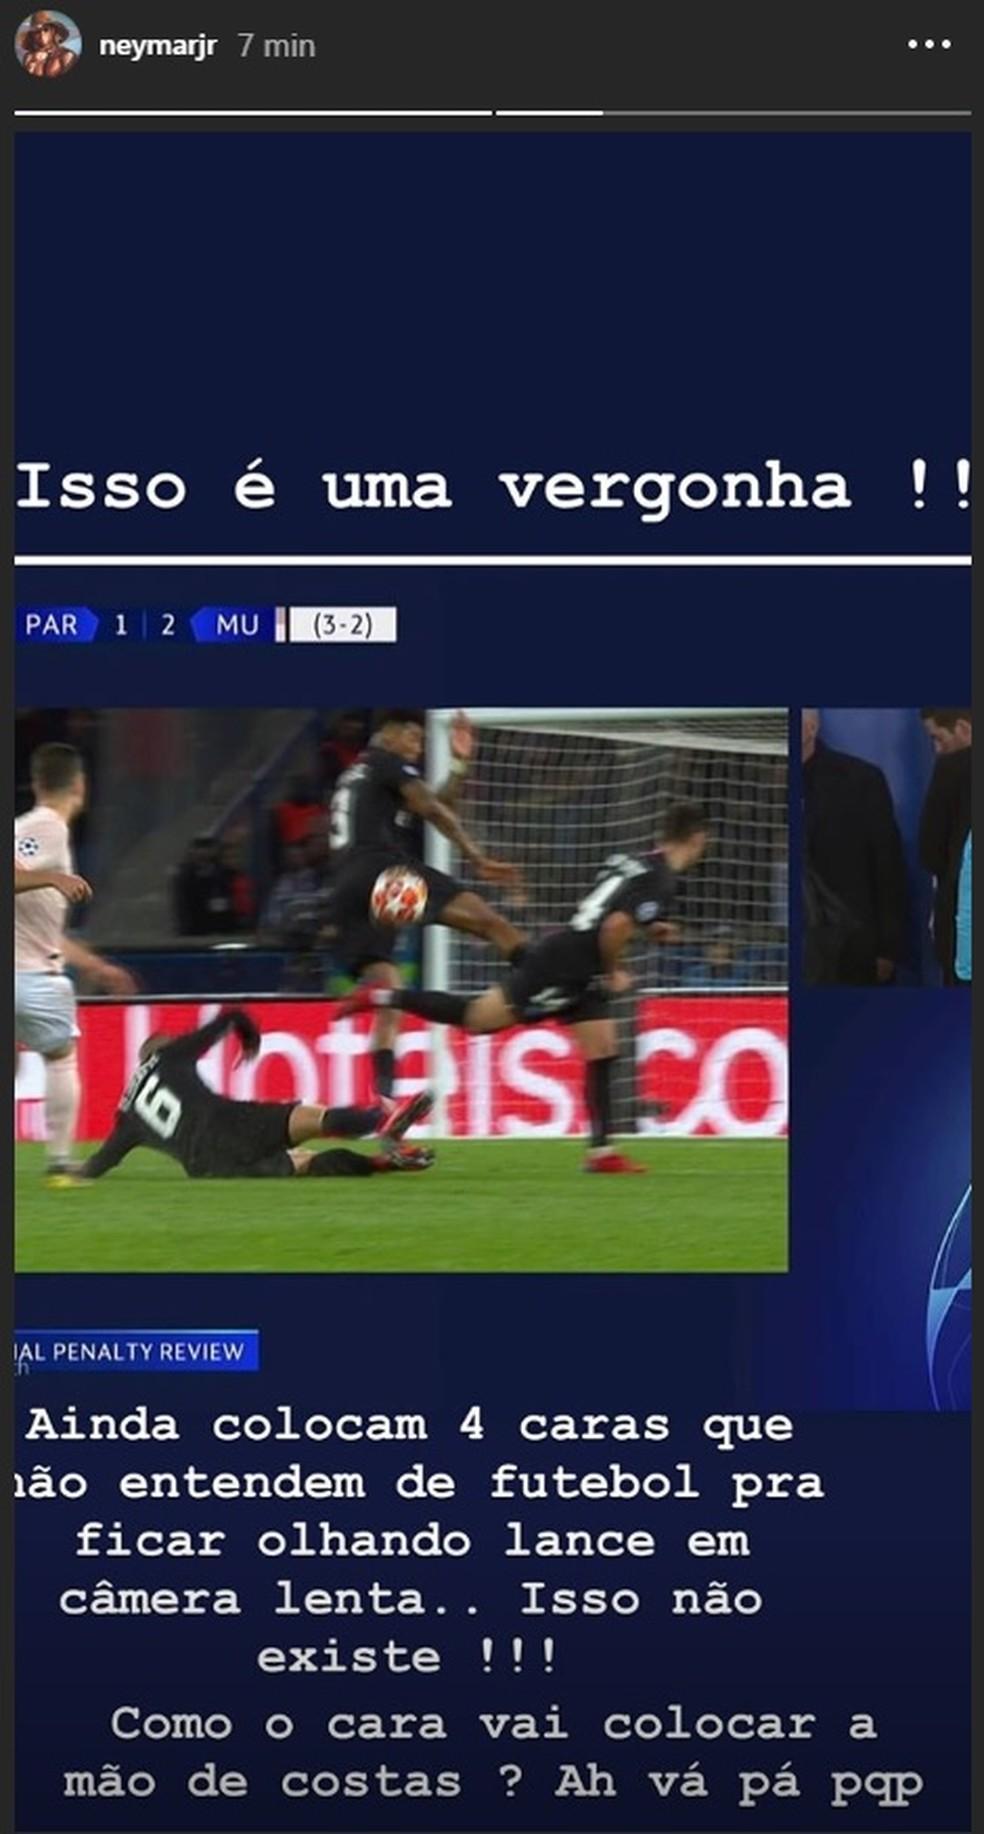 Post de Neymar em que reclama da arbitragem por pênalti marcado contra o PSG, em março passado — Foto: Reprodução/Instagram